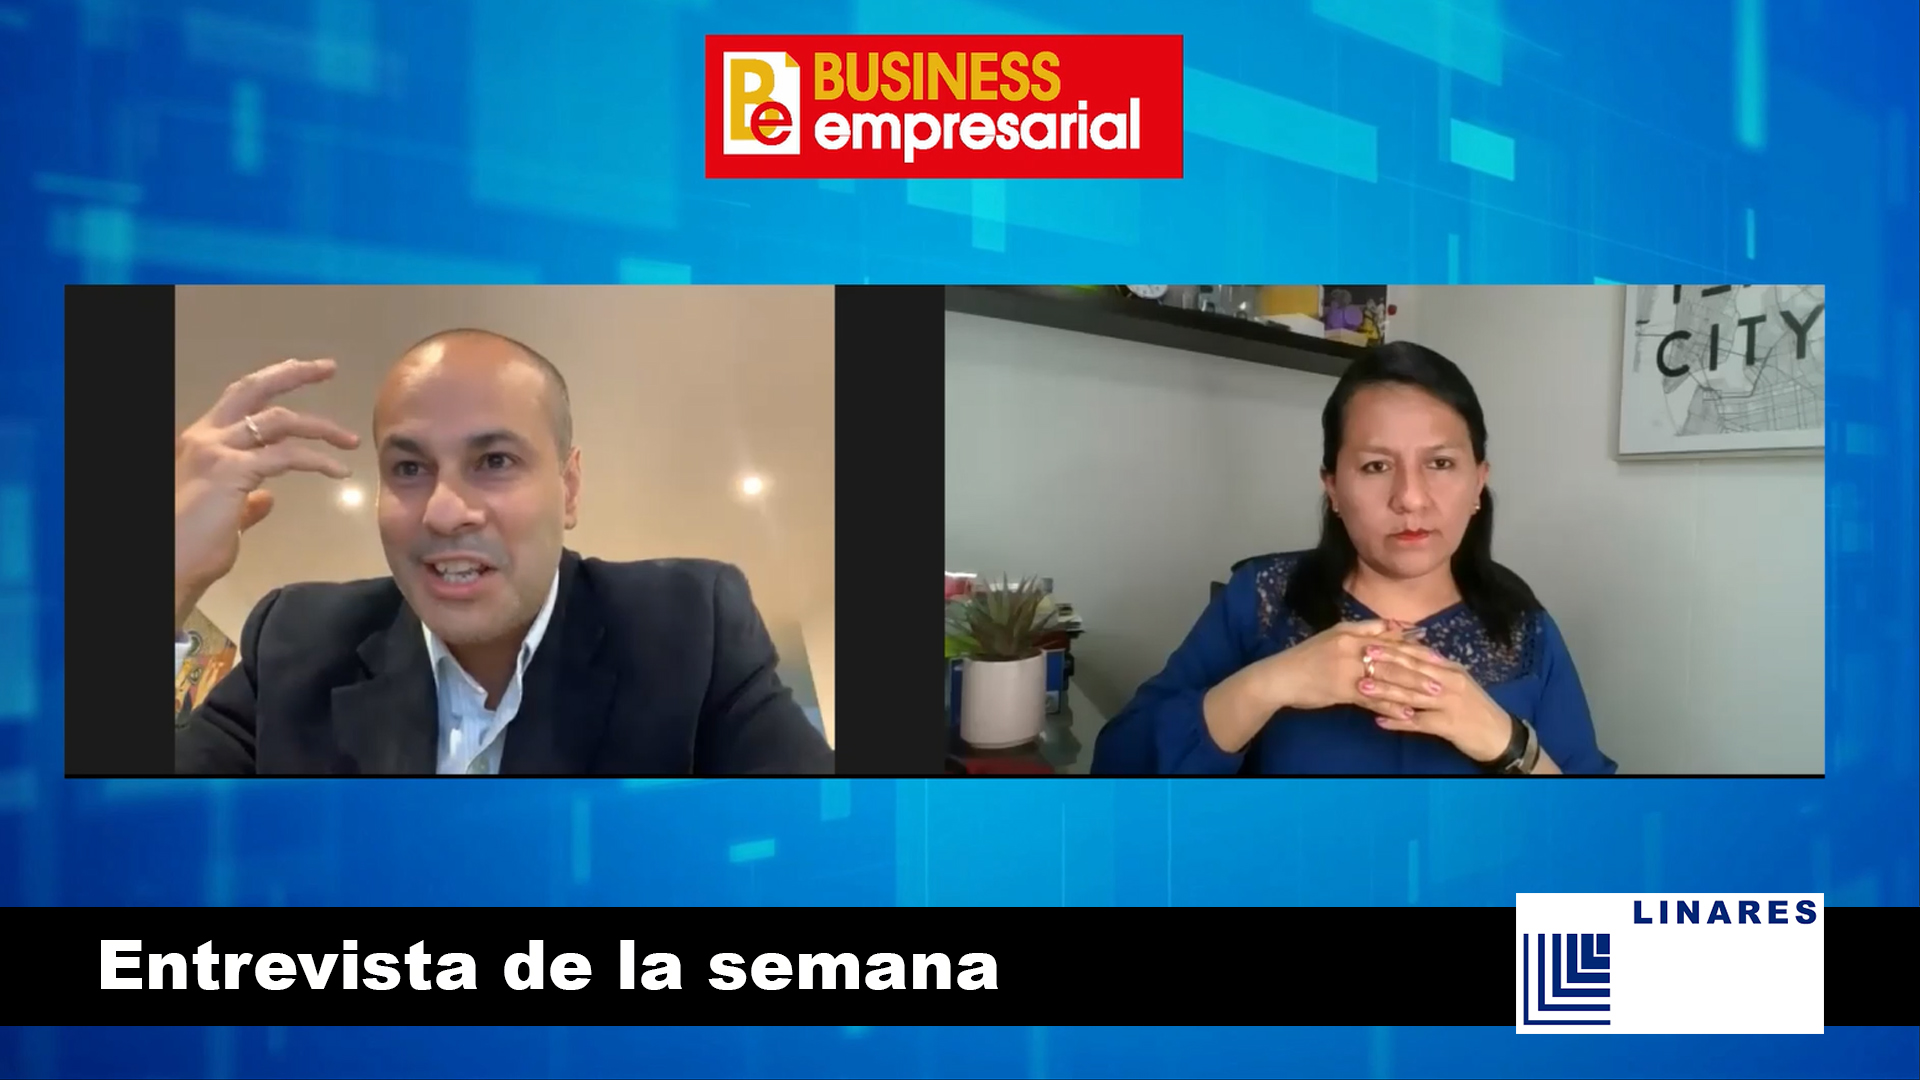 Entrevista al Dr. Augusto Linares Muñoz, Abogado Penalista del Estudio Linares Abogados.